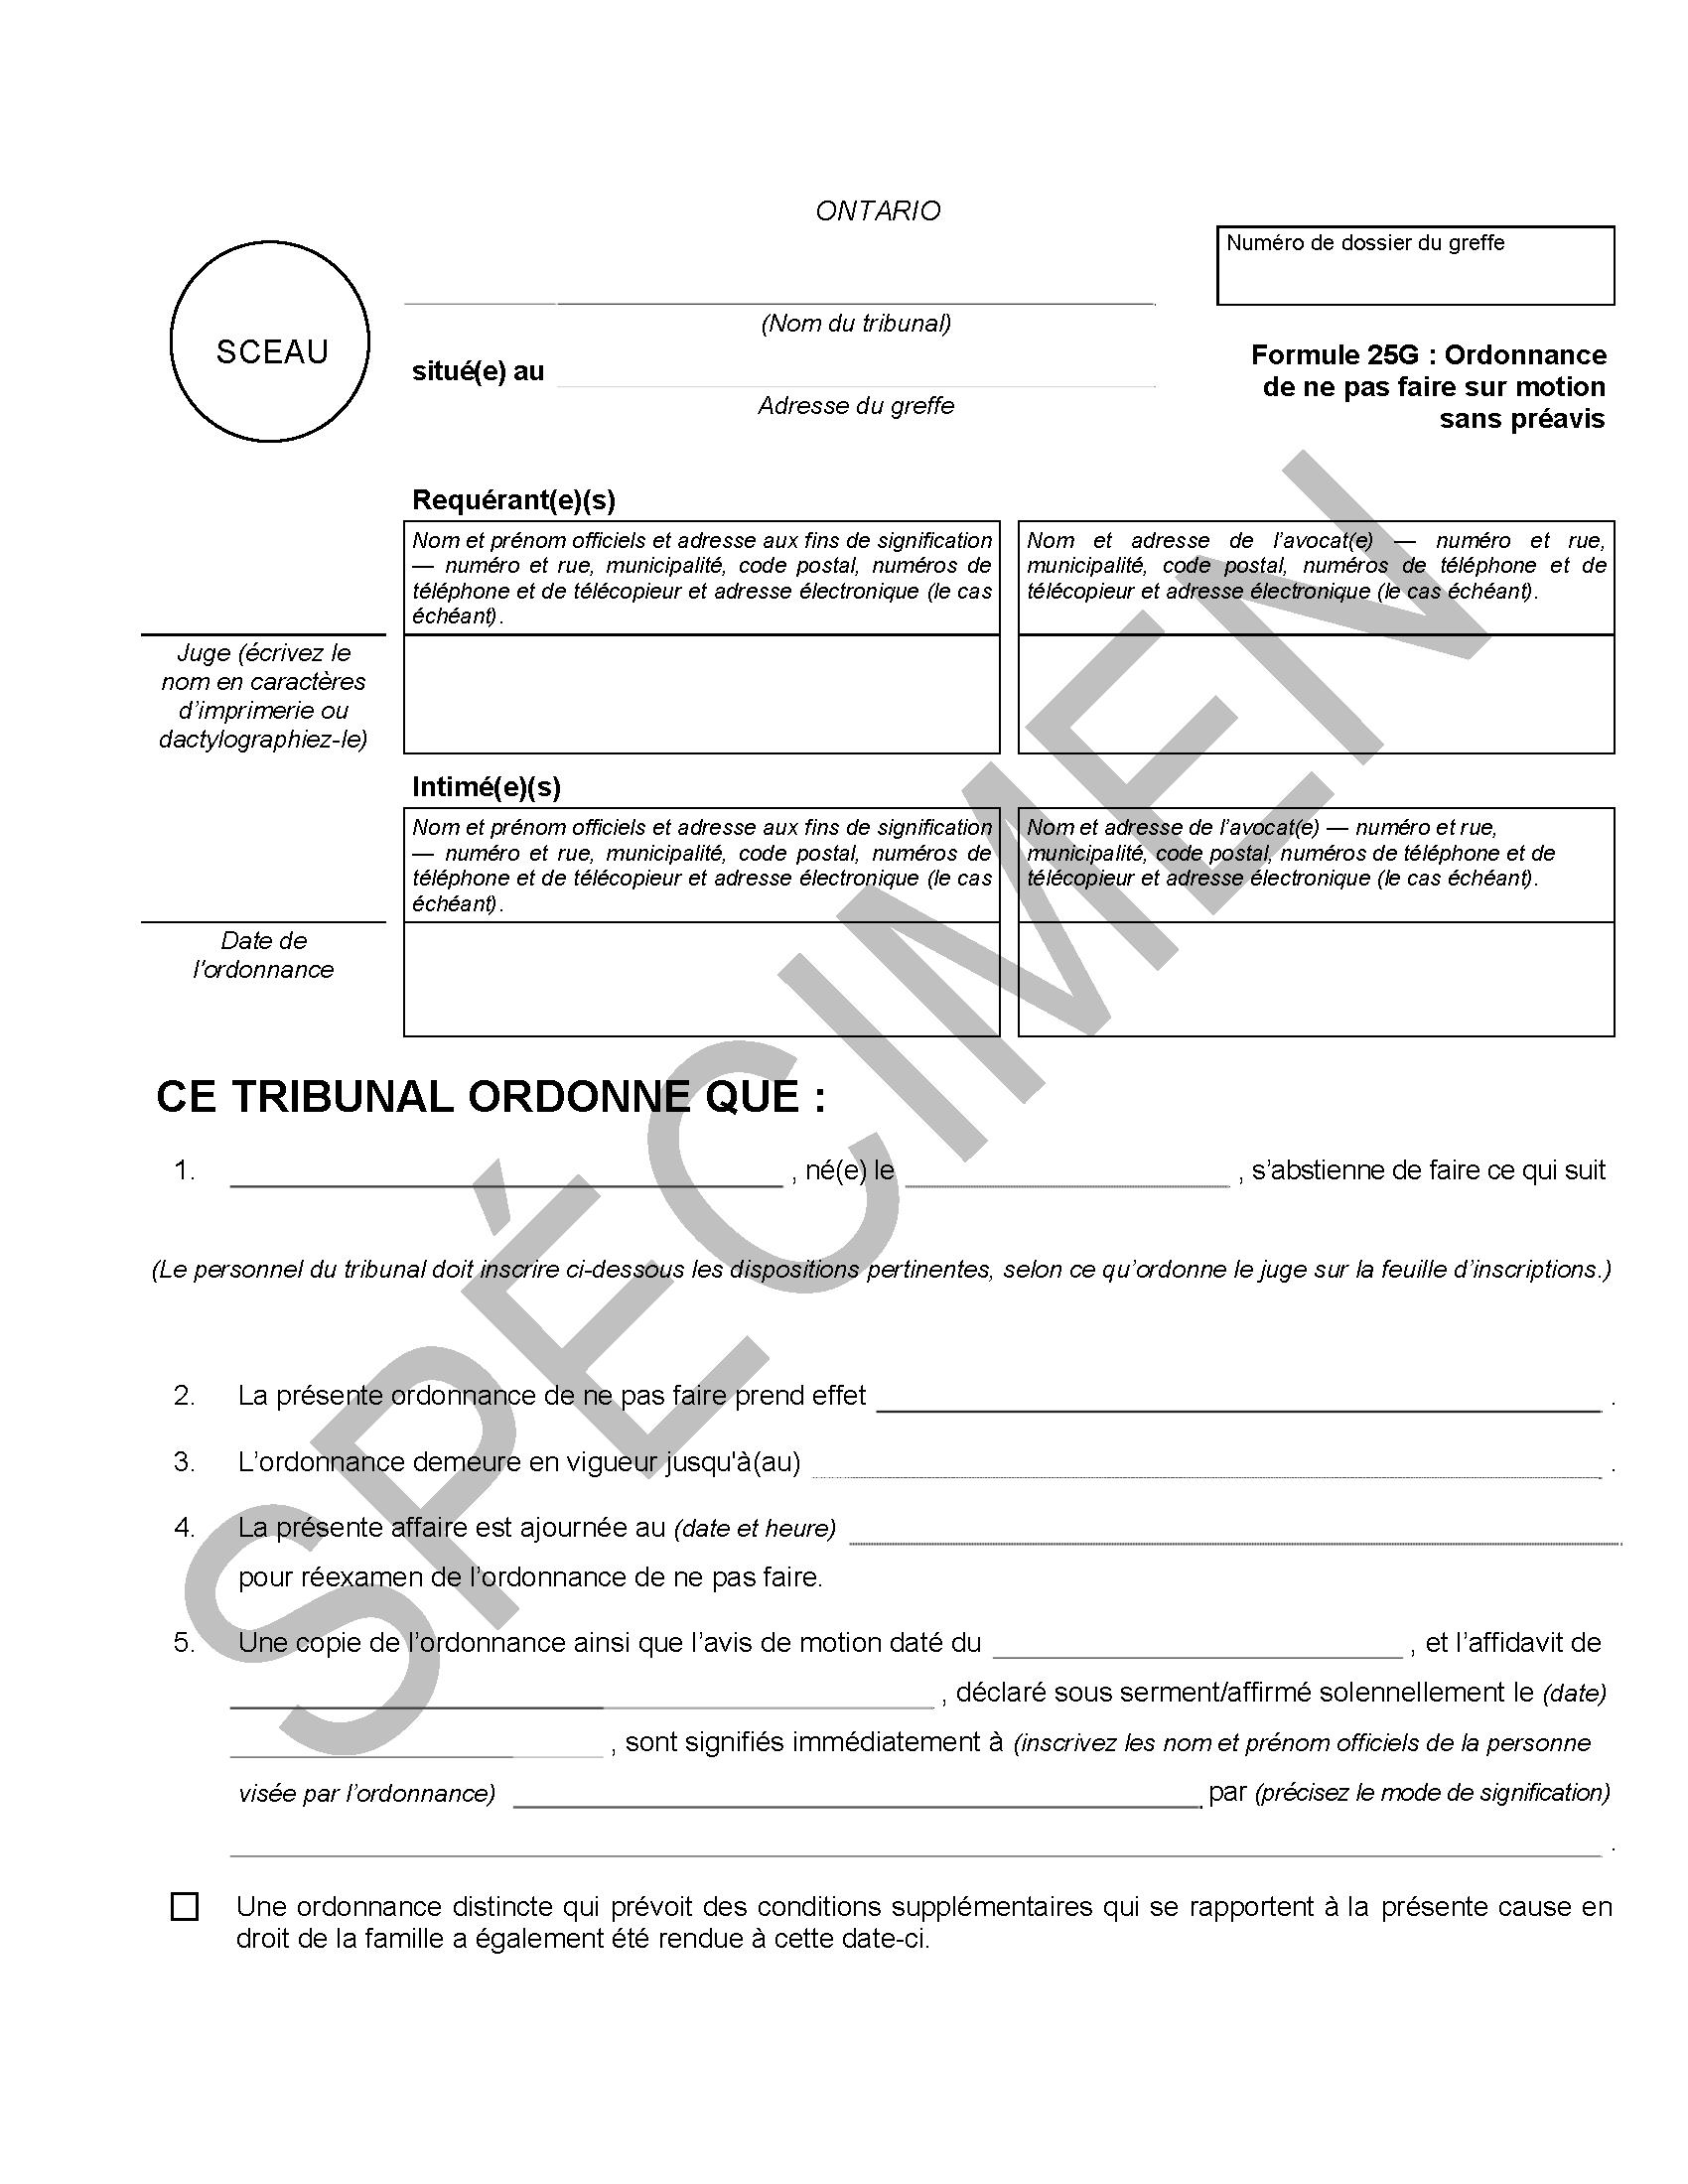 Ordonnance De Ne Pas Faire Ministere Du Procureur General